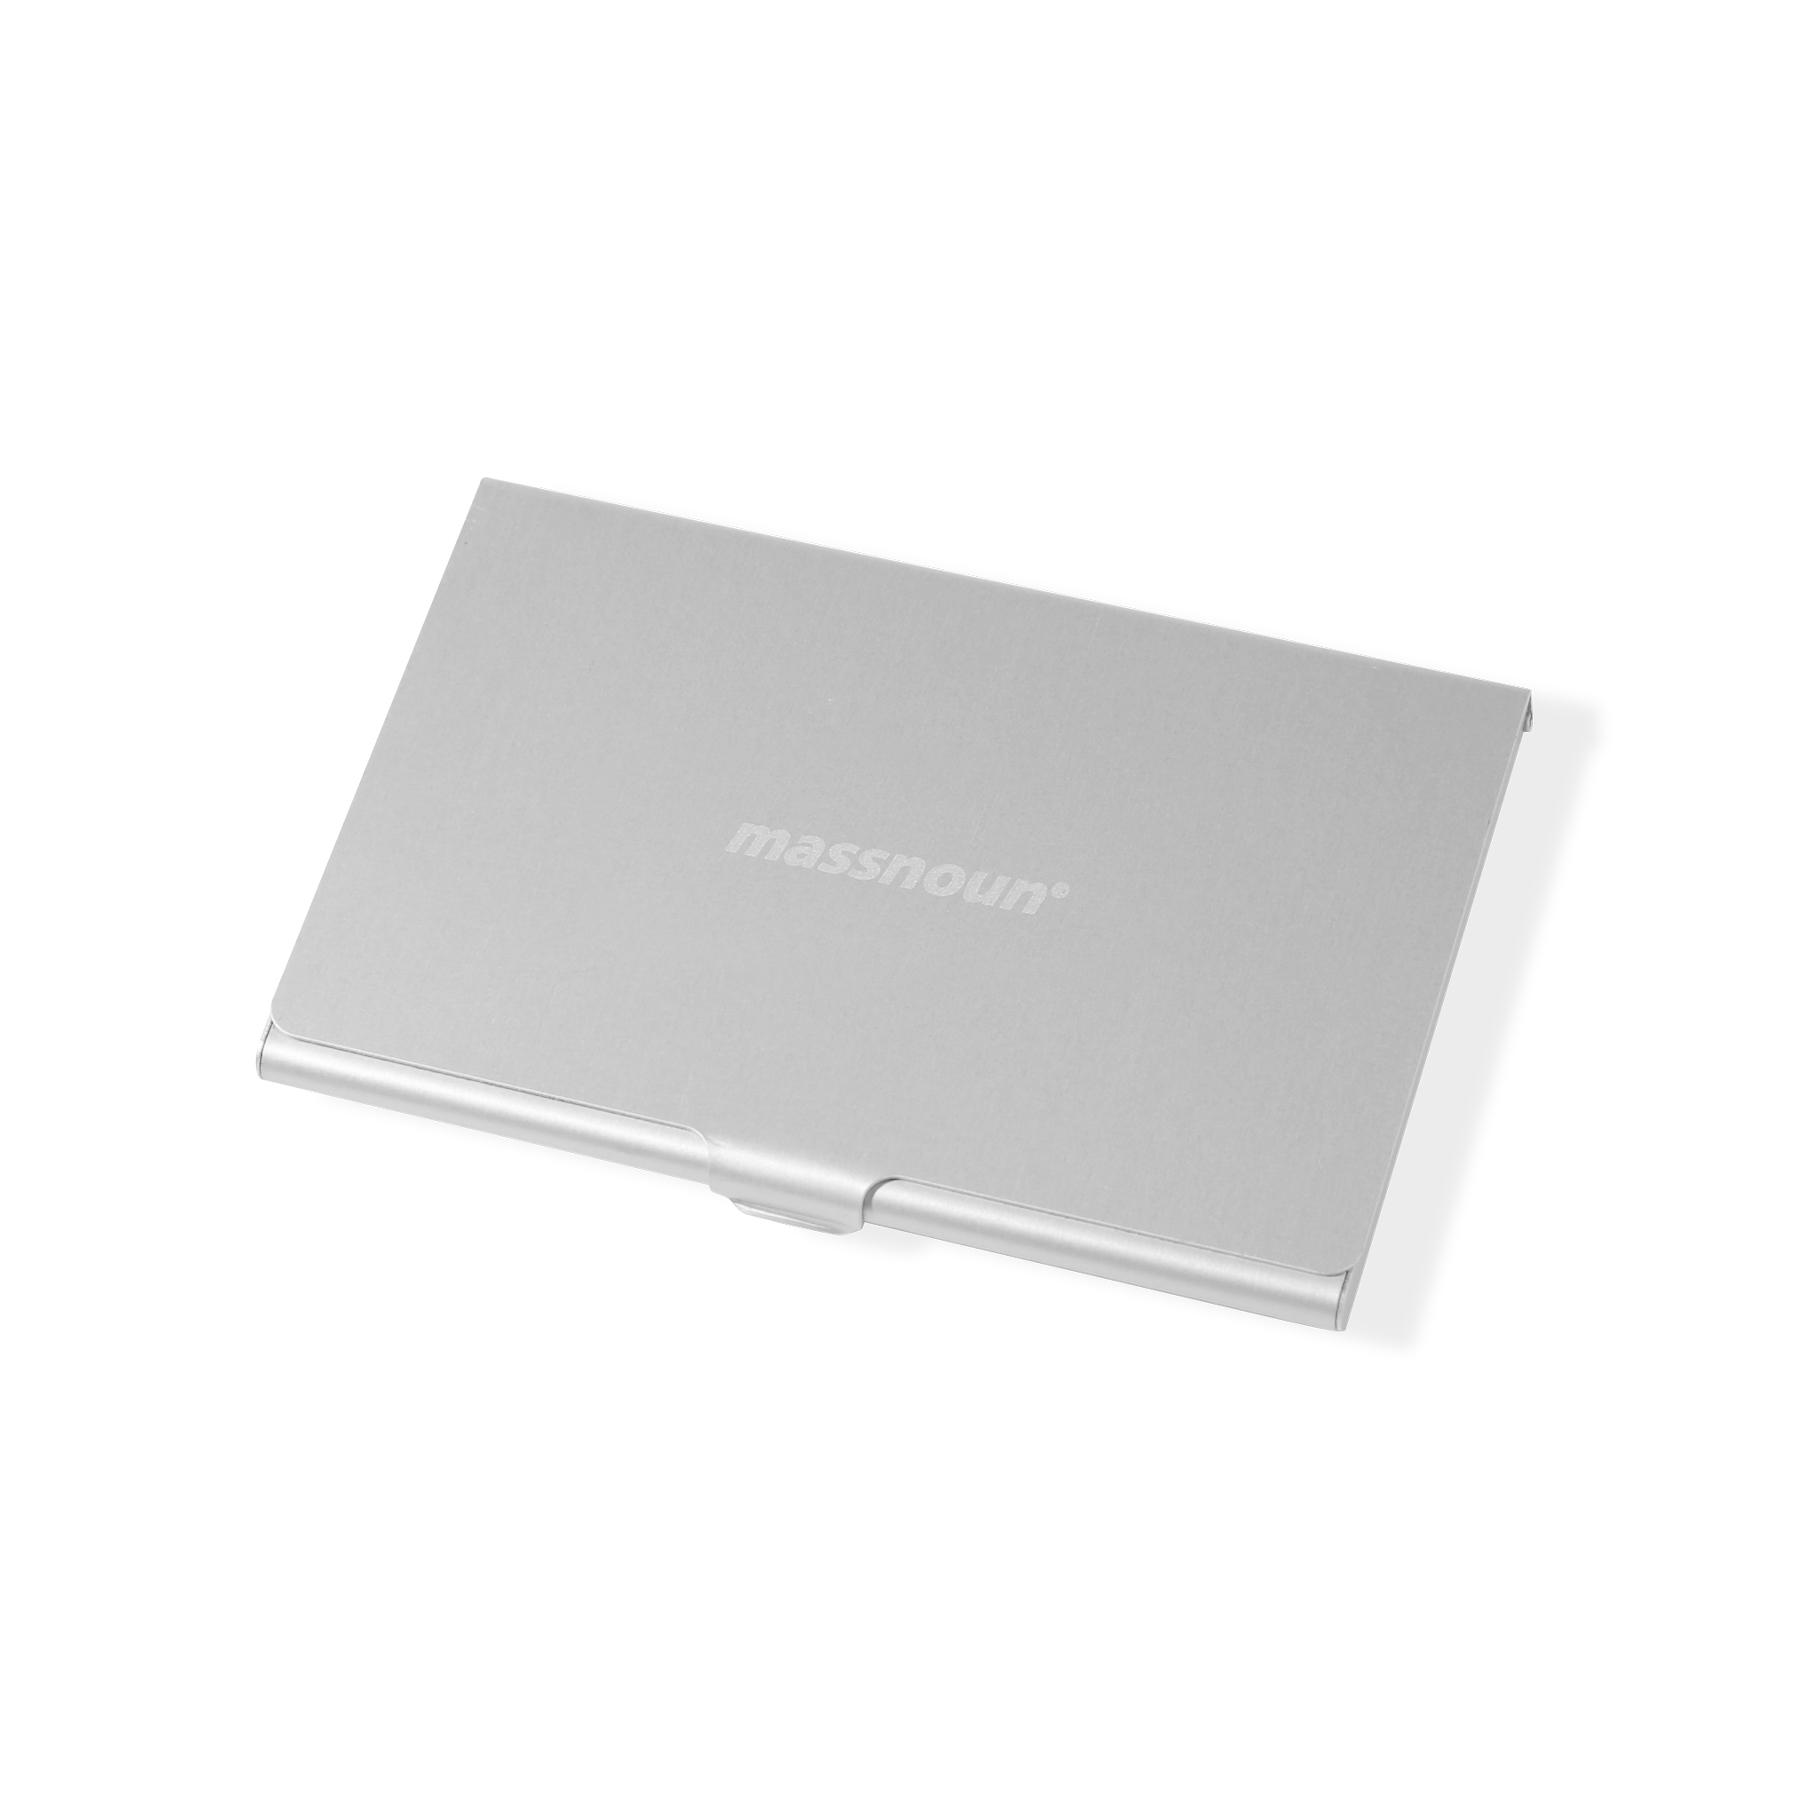 SL LOGO CARD CASE MSNAA004-SV